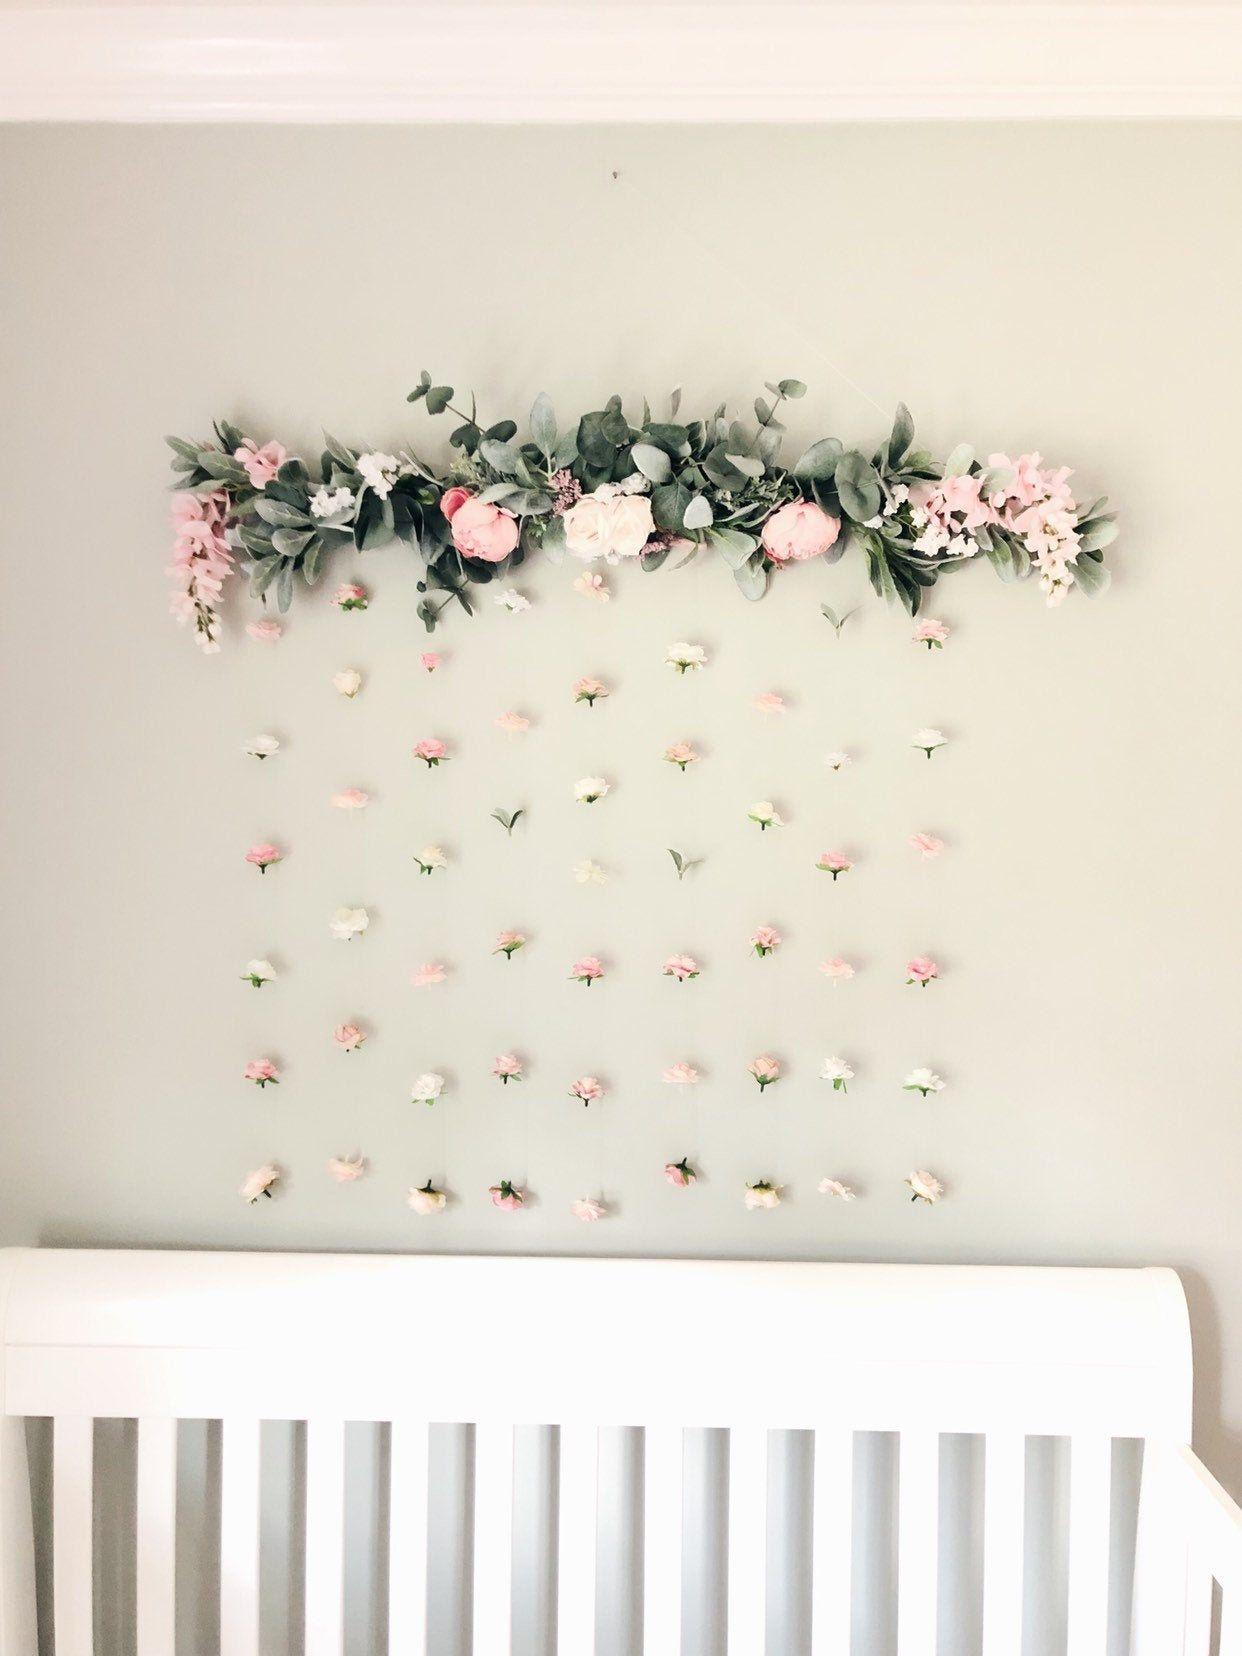 Wedding Flower Wall For Wedding Wedding Floral Backdrop Floral Hanging Wall Art Boho Wedding Decor Nursery Decor Girl Flower Wall Decor Hanging Flower Wall